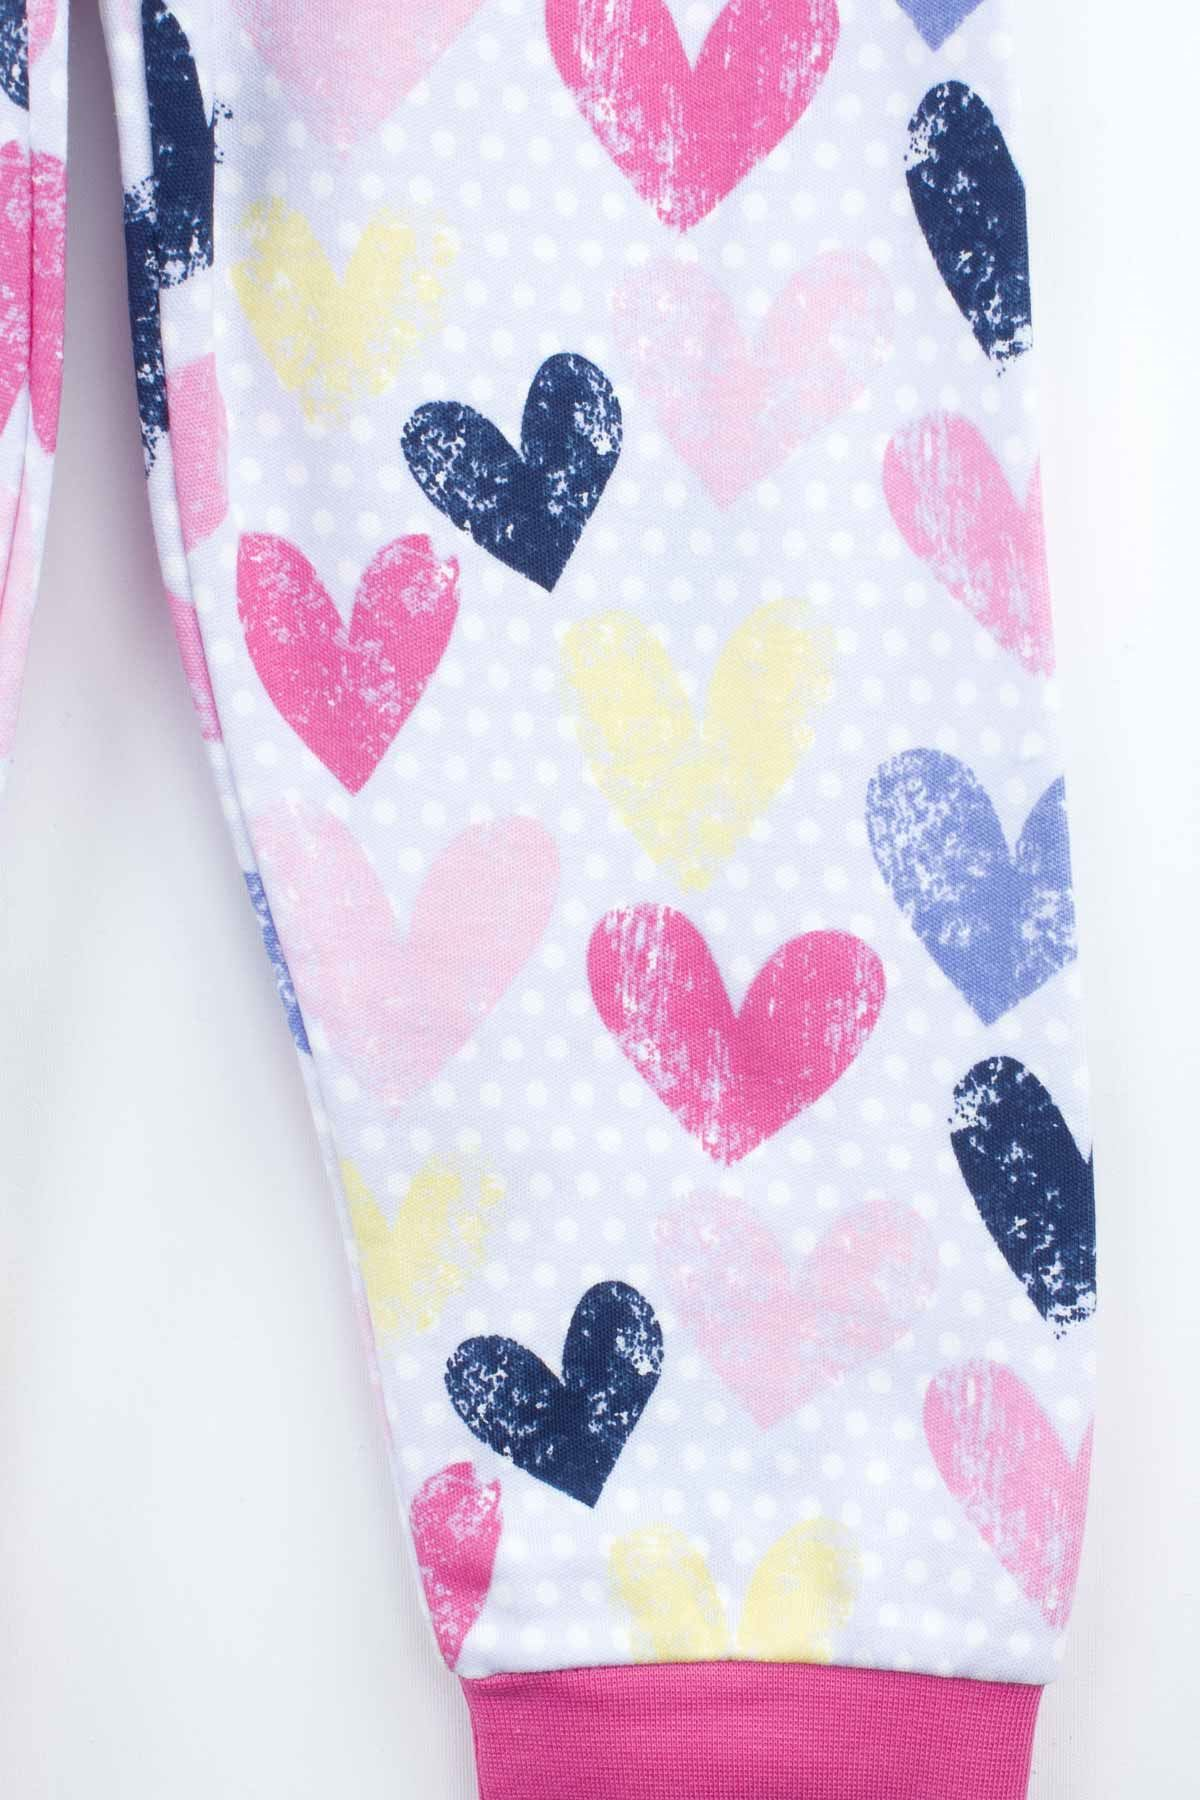 Fuchsia Girls Pajamas Set Bottom Pajamas Top Pajamas Kids Daily Wear Homewear Cotton Comfortable Children Pajamas Sets Model